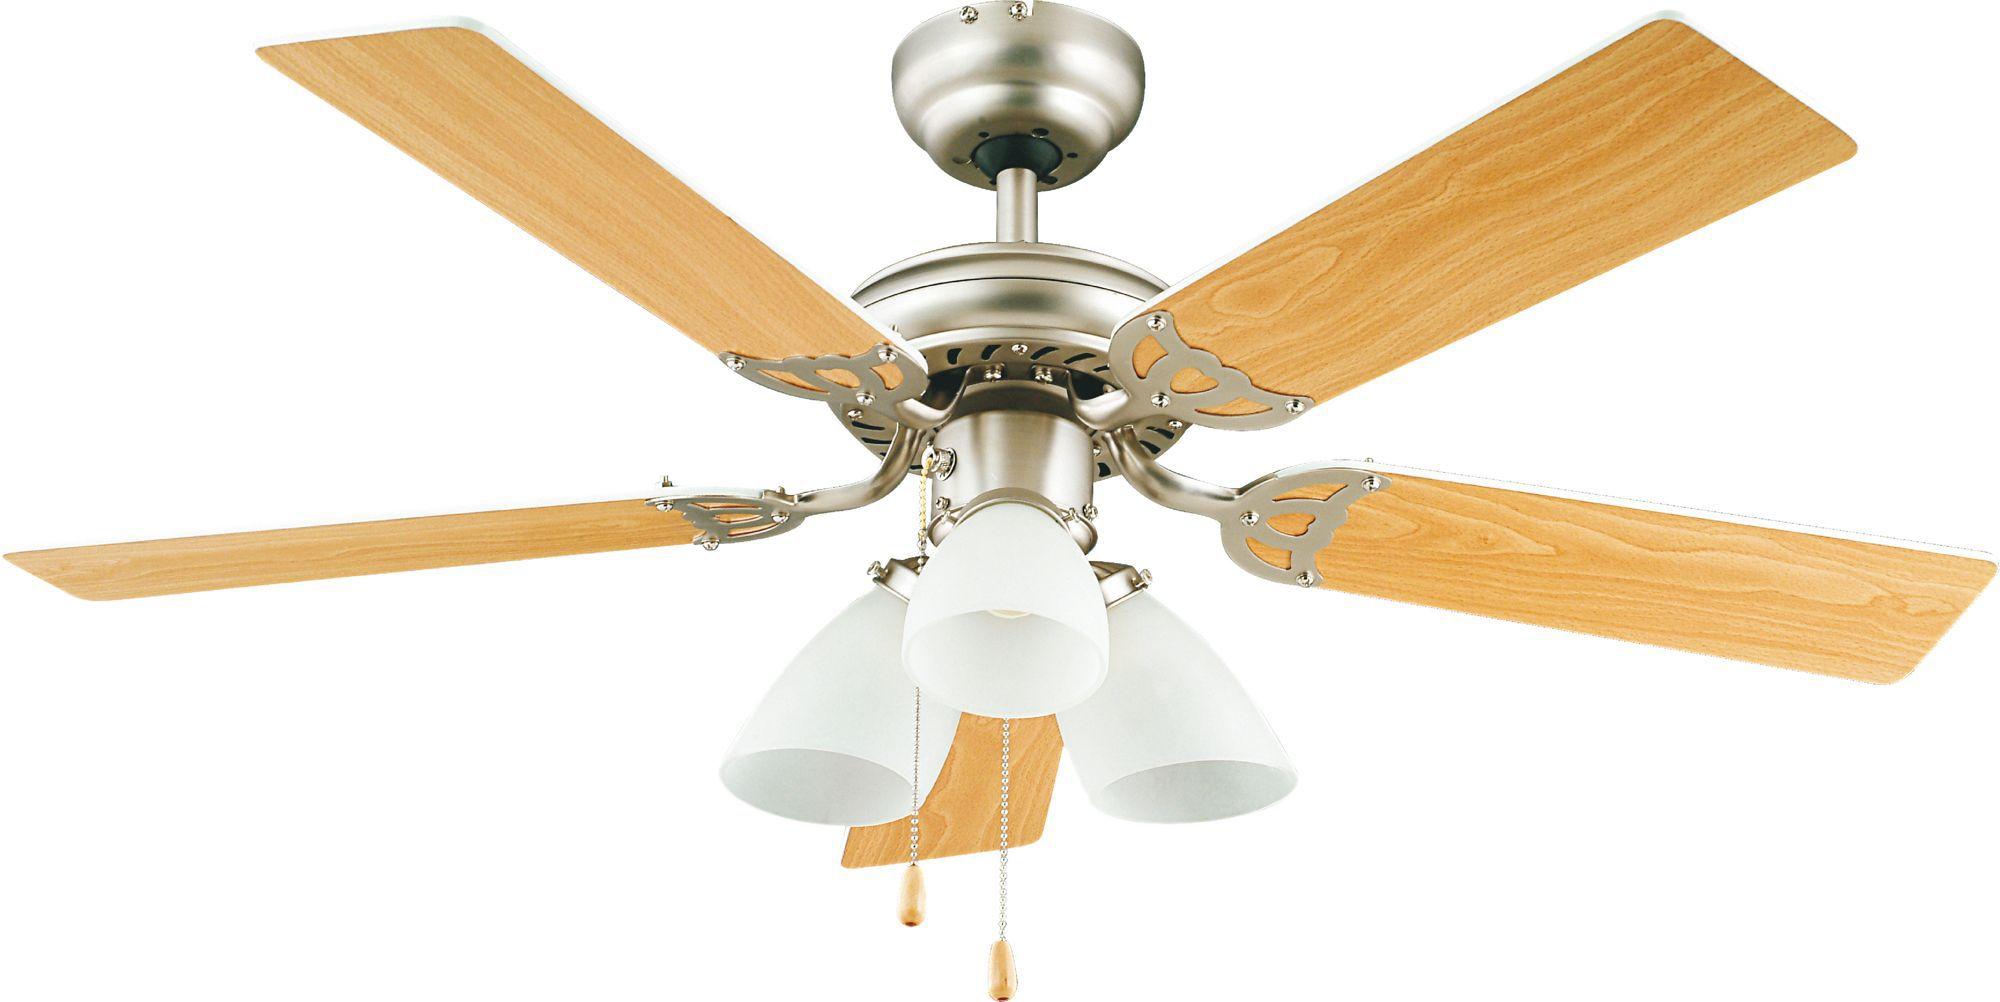 Pampero Stainless Steel Effect Ceiling Fan Light